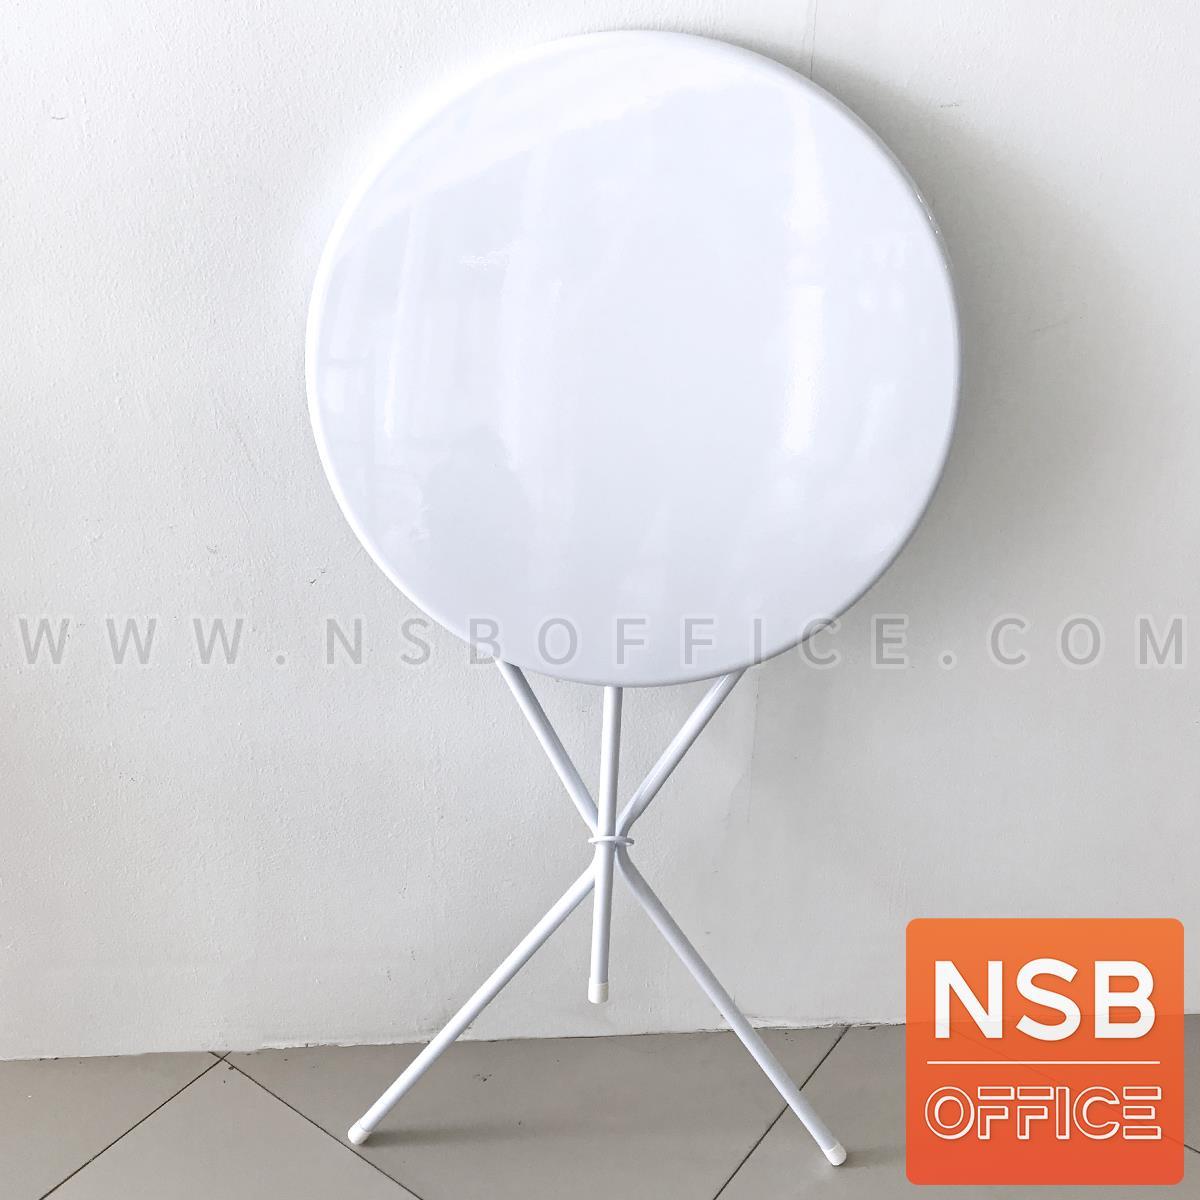 โต๊ะพับหน้าเหล็ก รุ่น Lunar (ลูน่า) ขนาด 60Di cm.  ขาเหล็ก